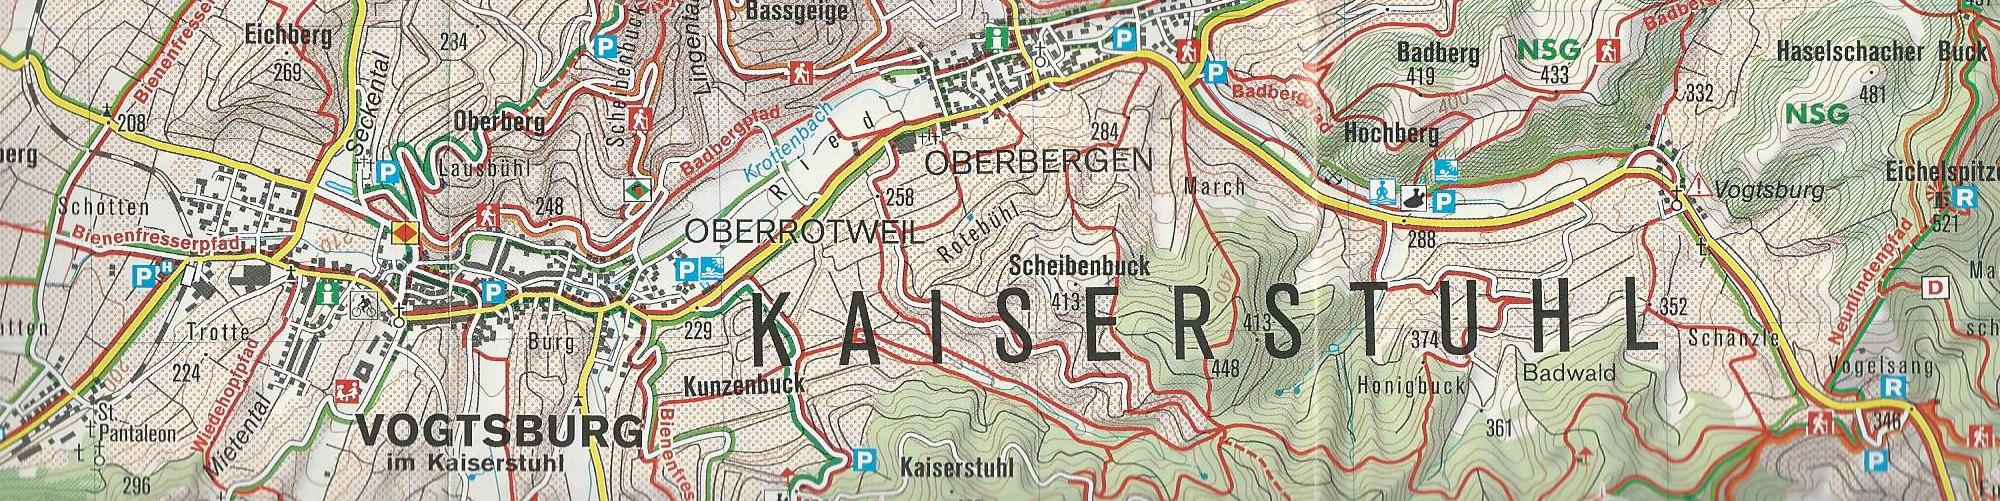 Karten vom Kaiserstuhl